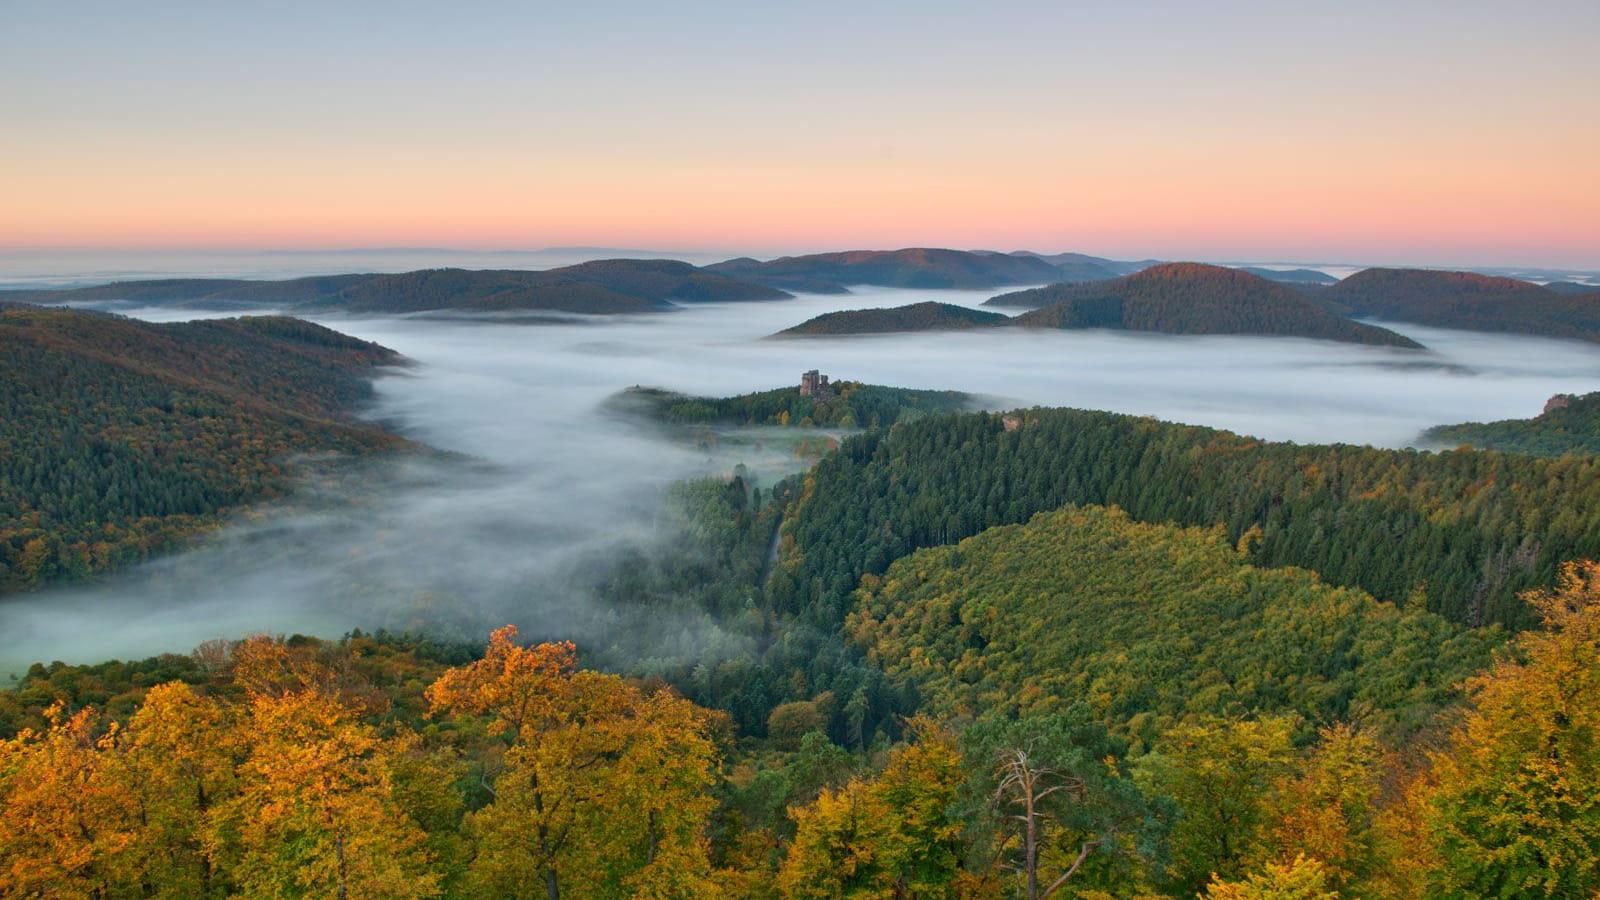 Forêt dans la brume - Fleckenstein Vosges du nord